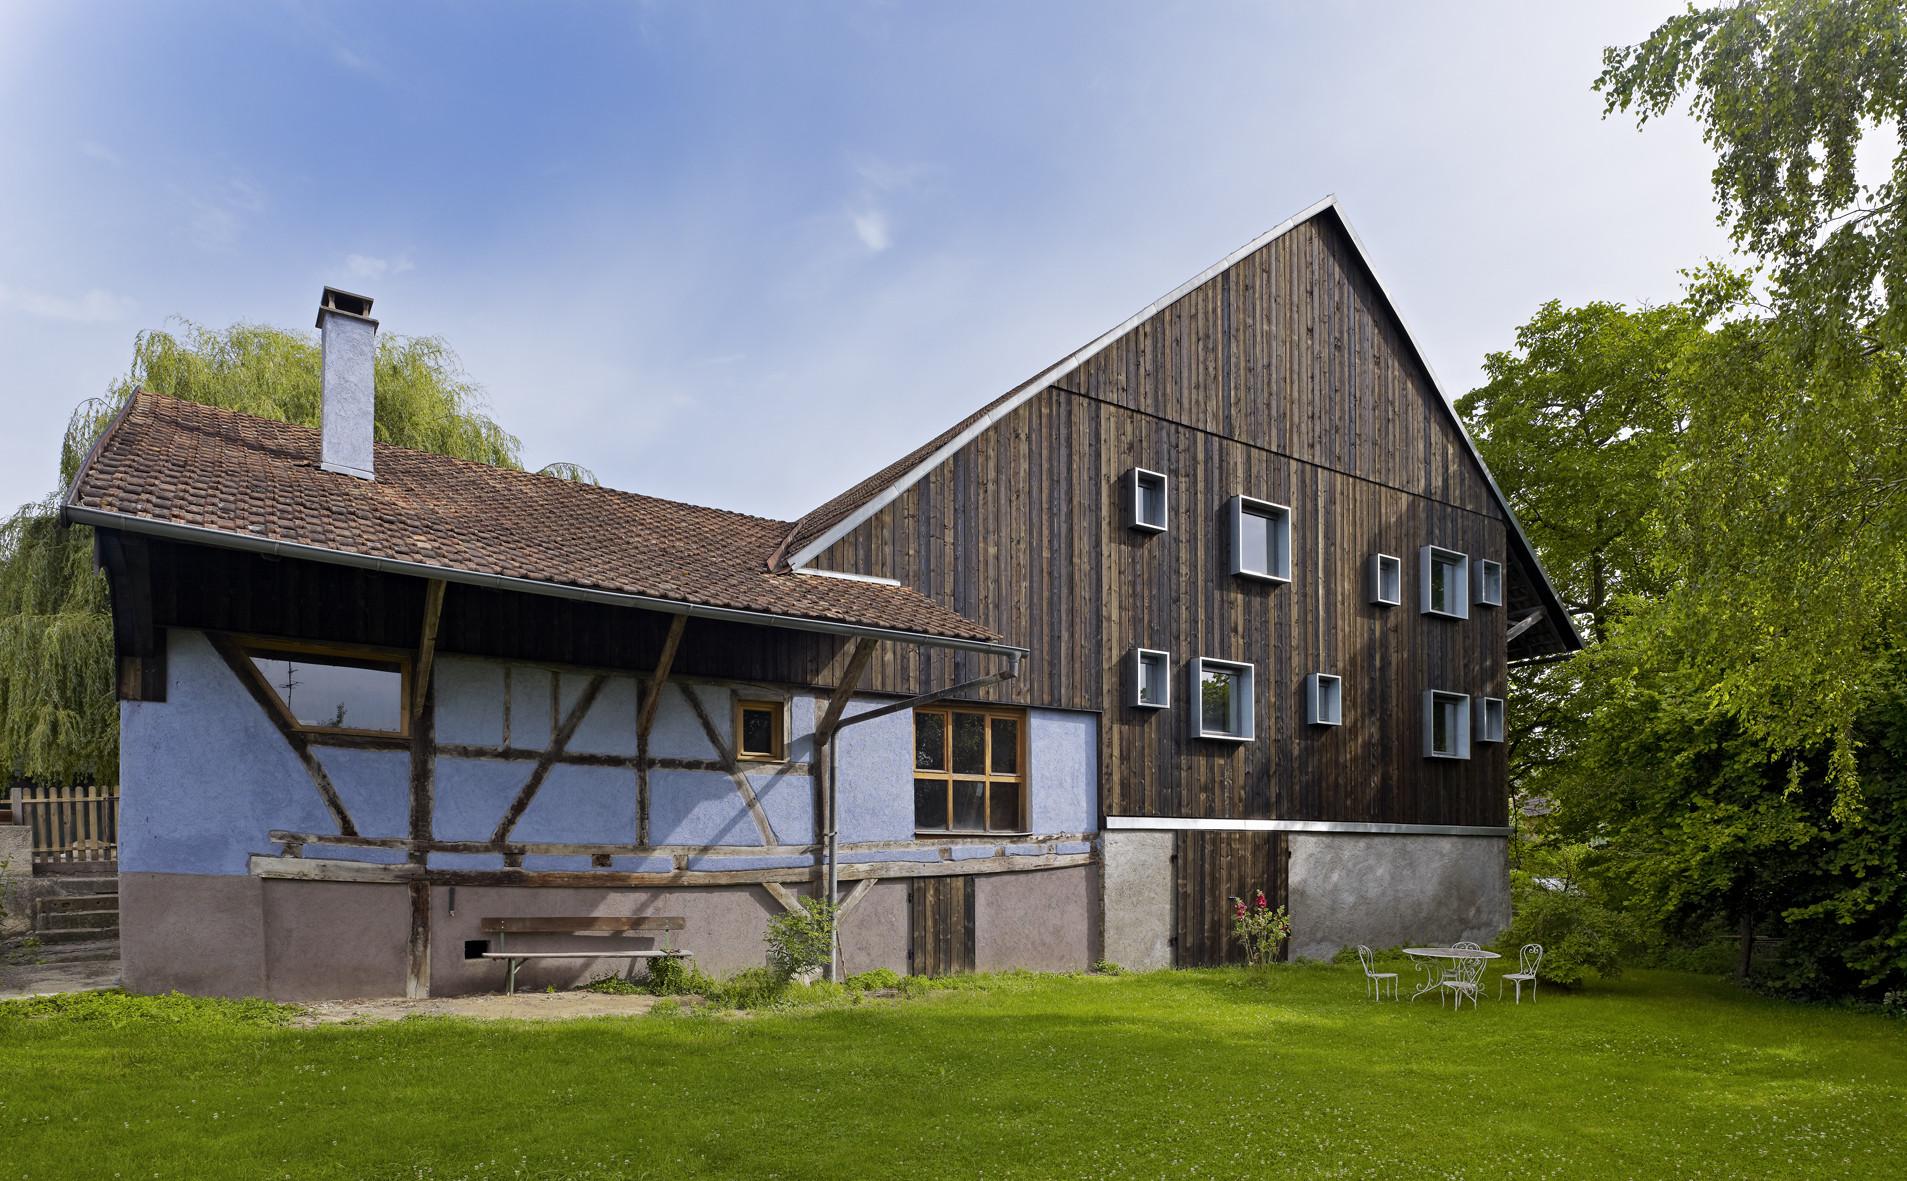 Farm Building Renovation / Loïc Picquet Architecte